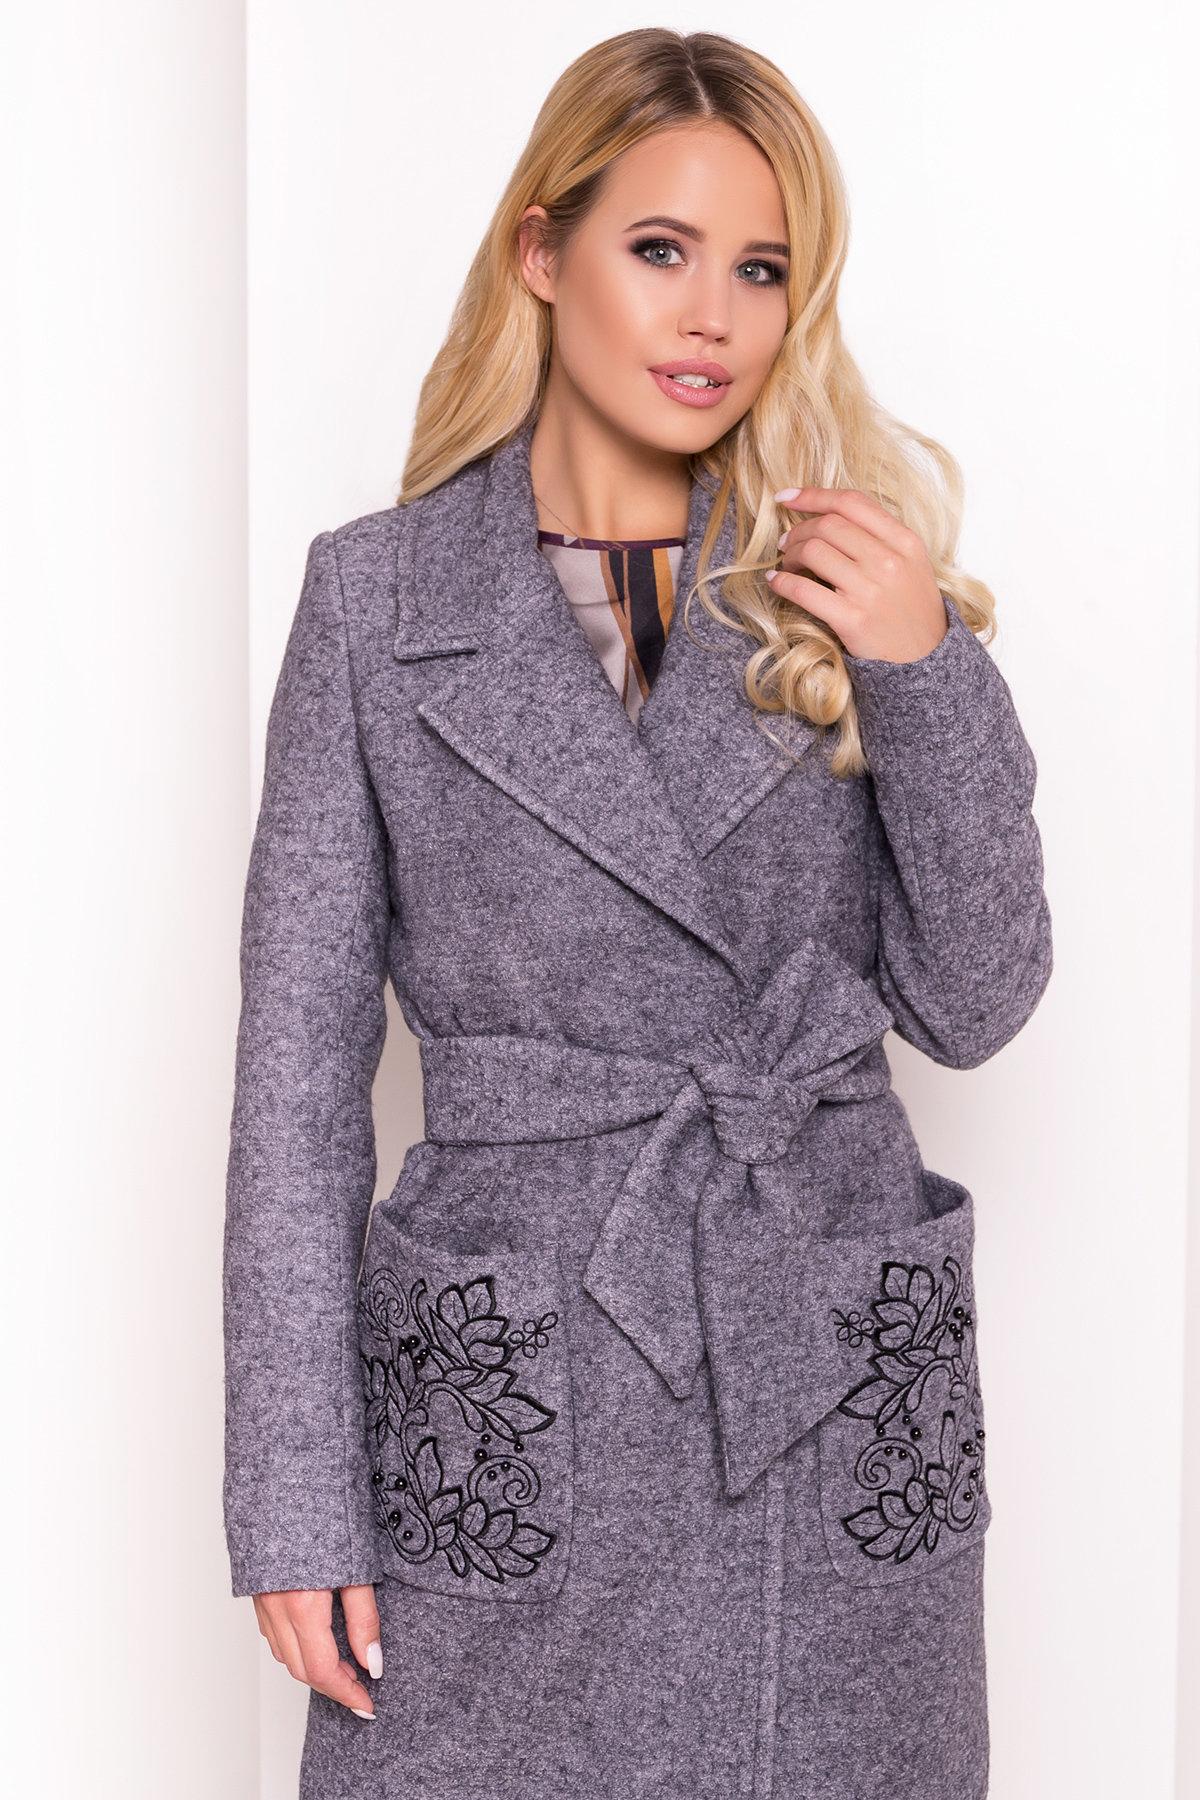 Демисезонное пальто из варенной шерсти Милена 5273 АРТ. 36892 Цвет: Серый Темный LW-47 - фото 5, интернет магазин tm-modus.ru